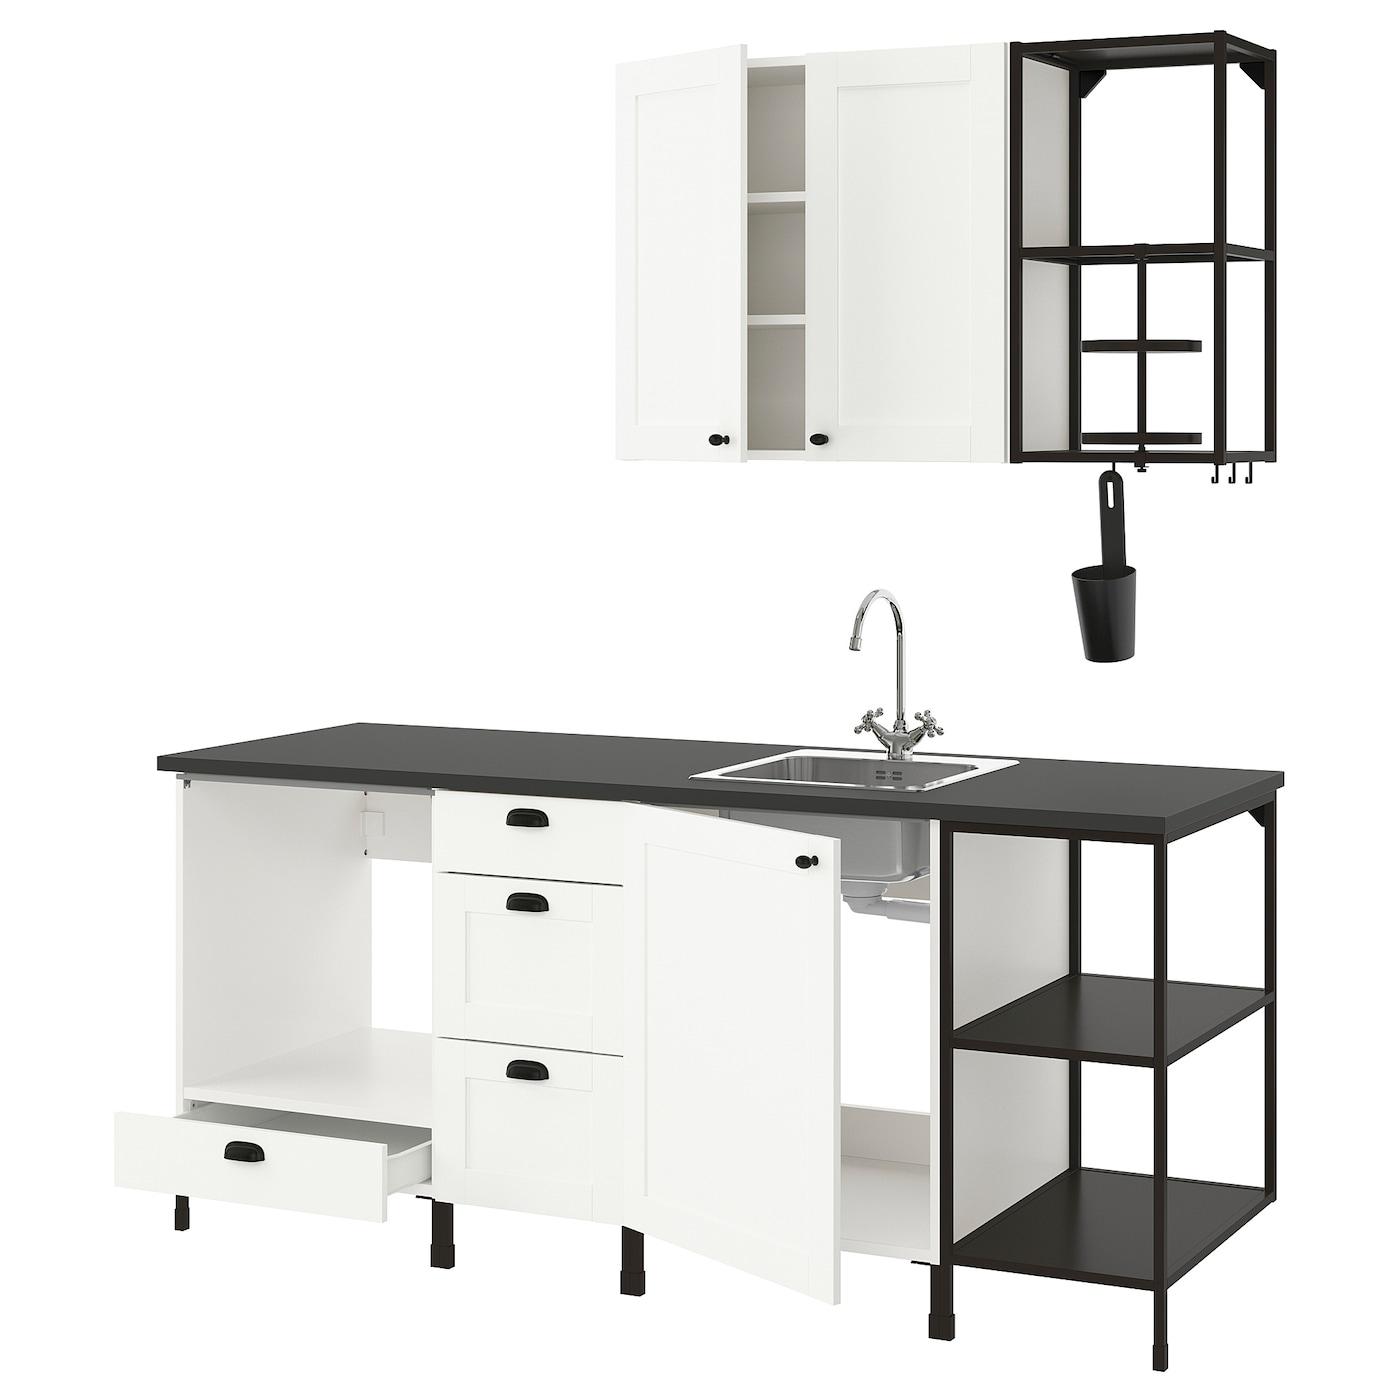 ENHET Küche - anthrazit, weiß Rahmen - IKEA Deutschland